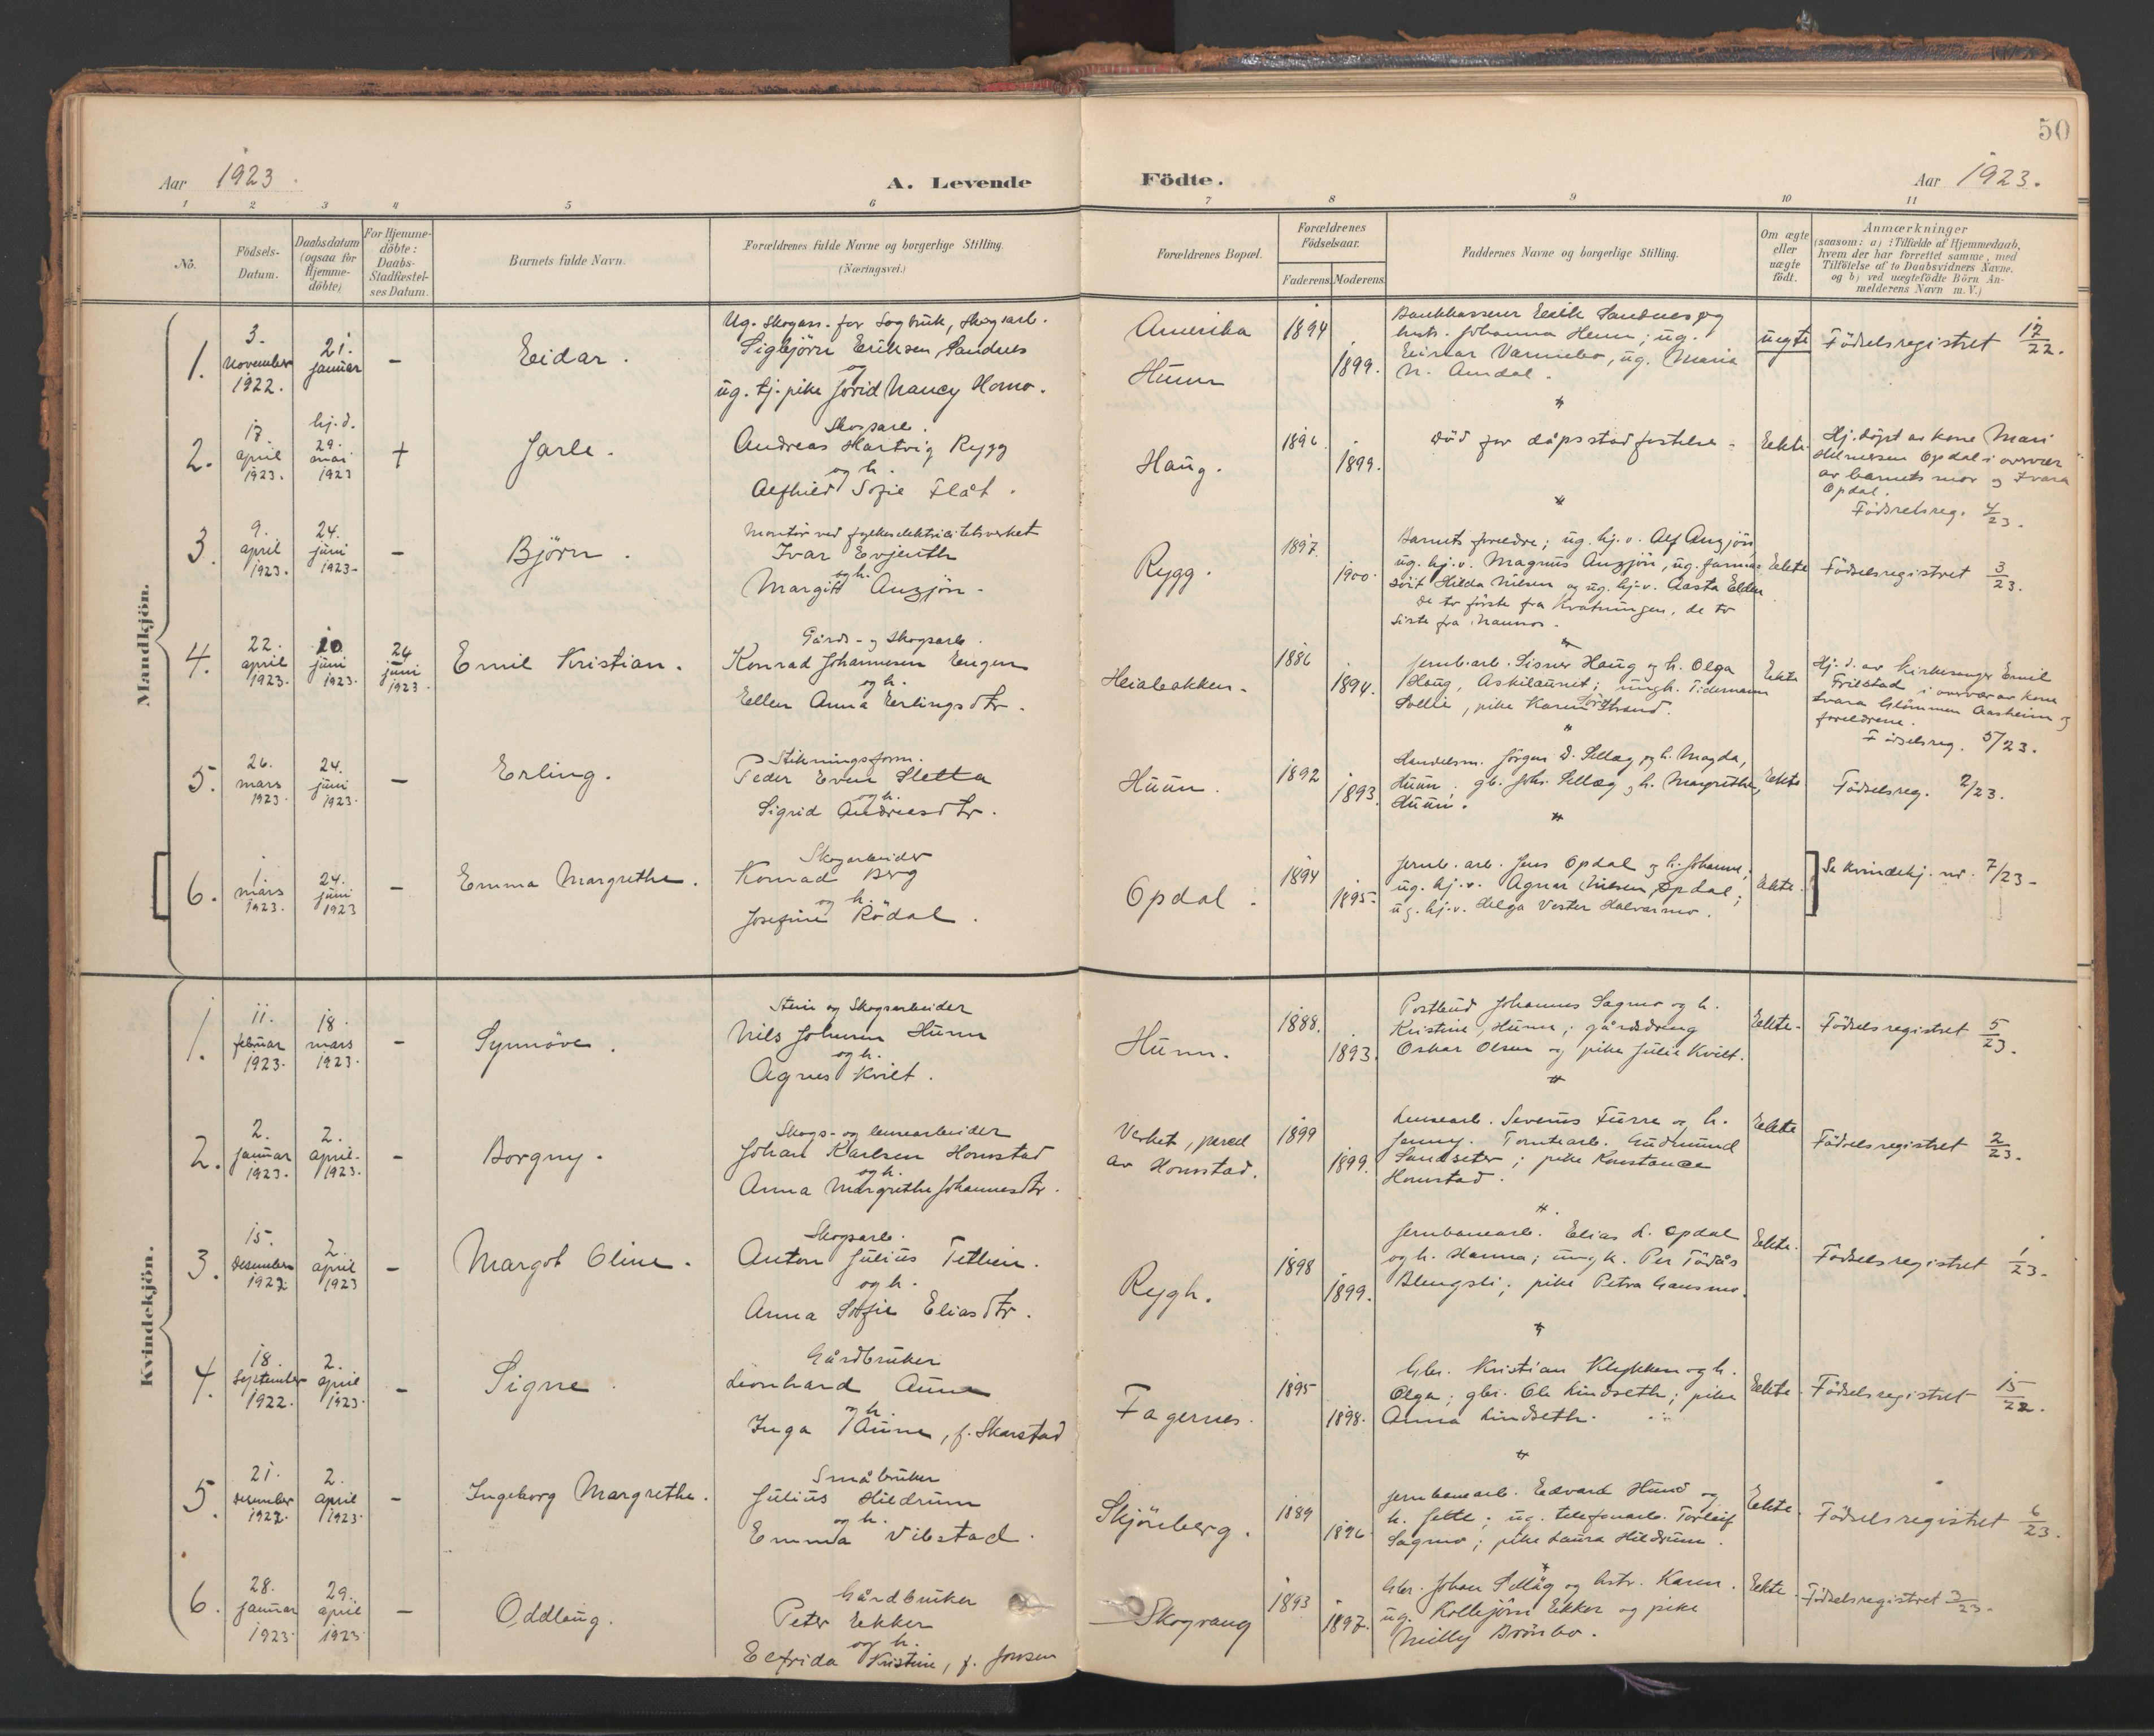 SAT, Ministerialprotokoller, klokkerbøker og fødselsregistre - Nord-Trøndelag, 766/L0564: Ministerialbok nr. 767A02, 1900-1932, s. 50